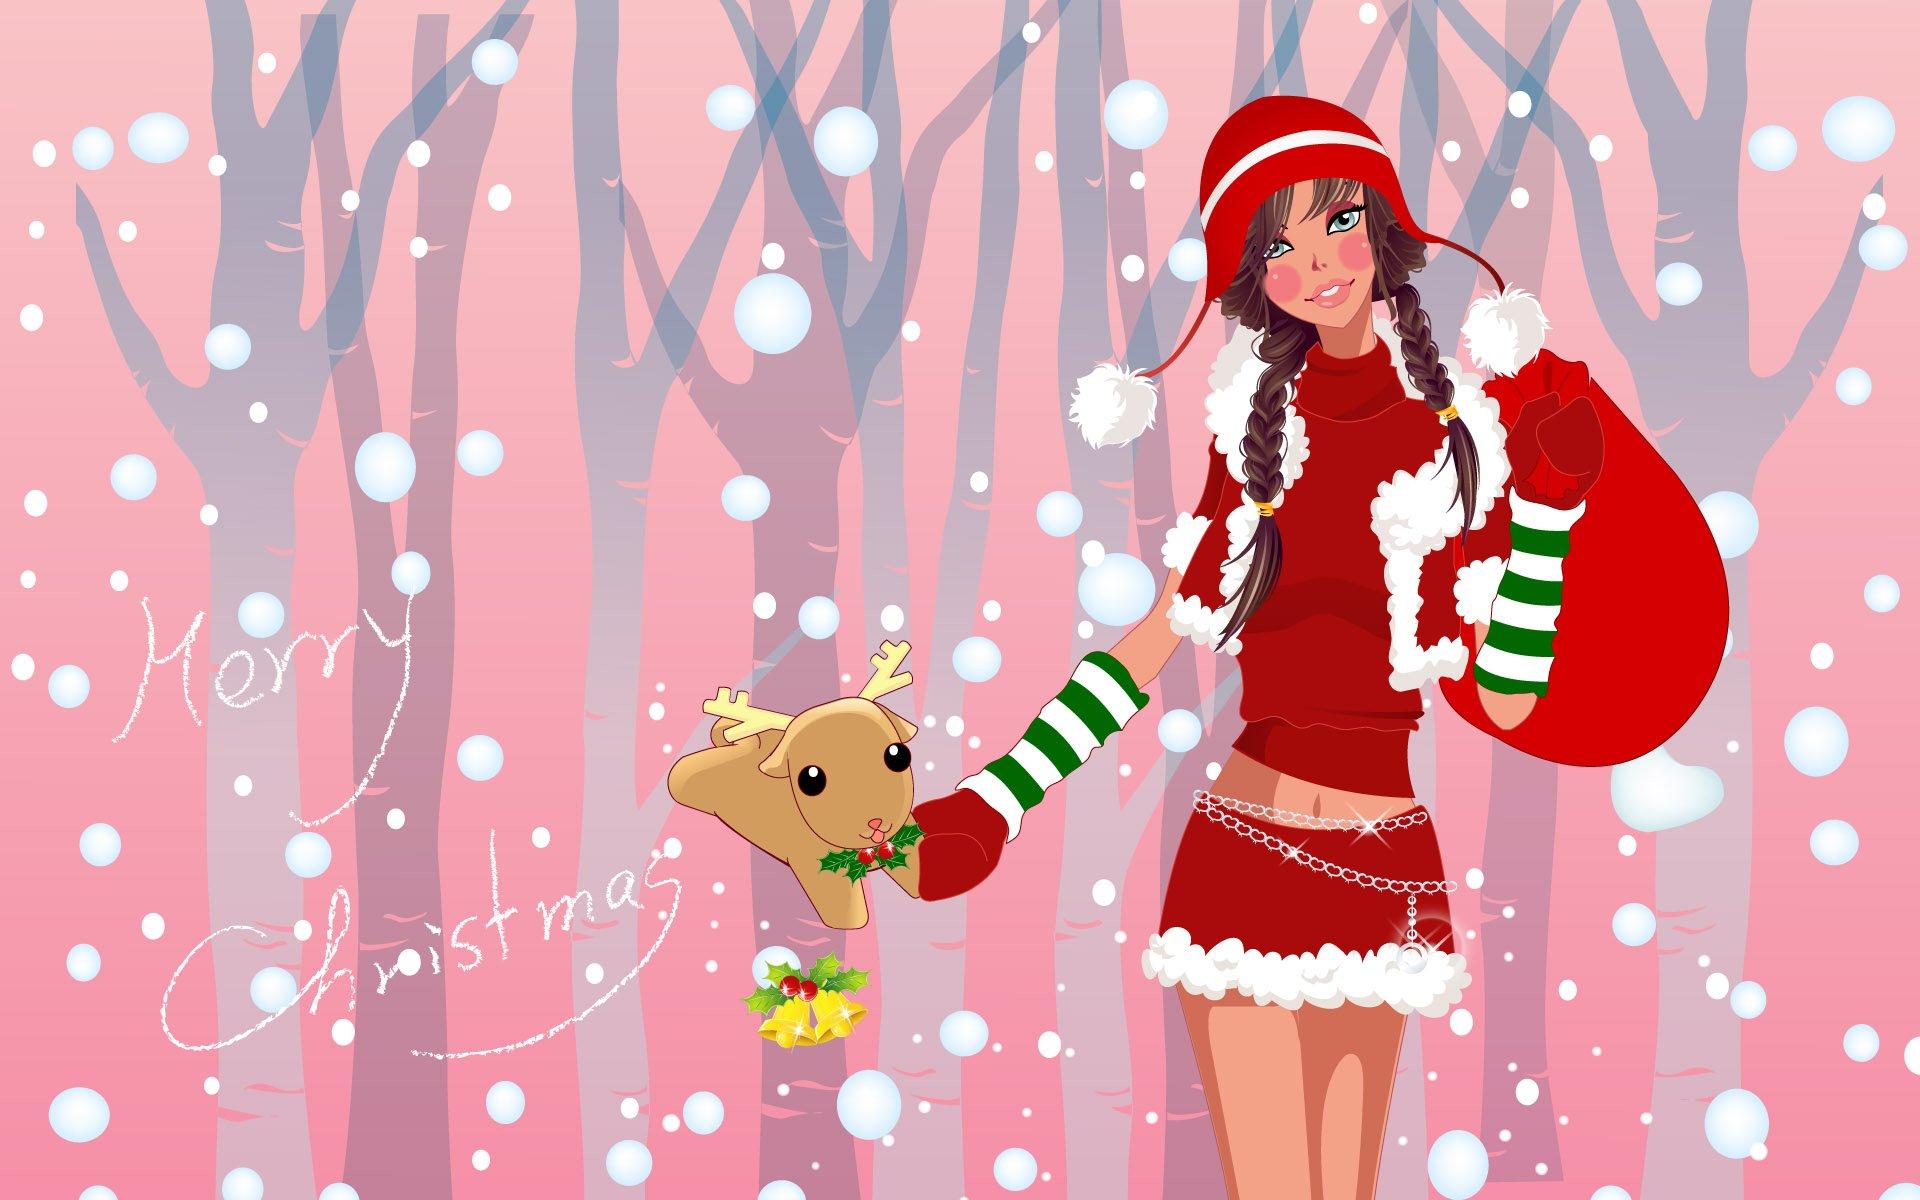 картинки на ватсап новогодние красивые шуба считается